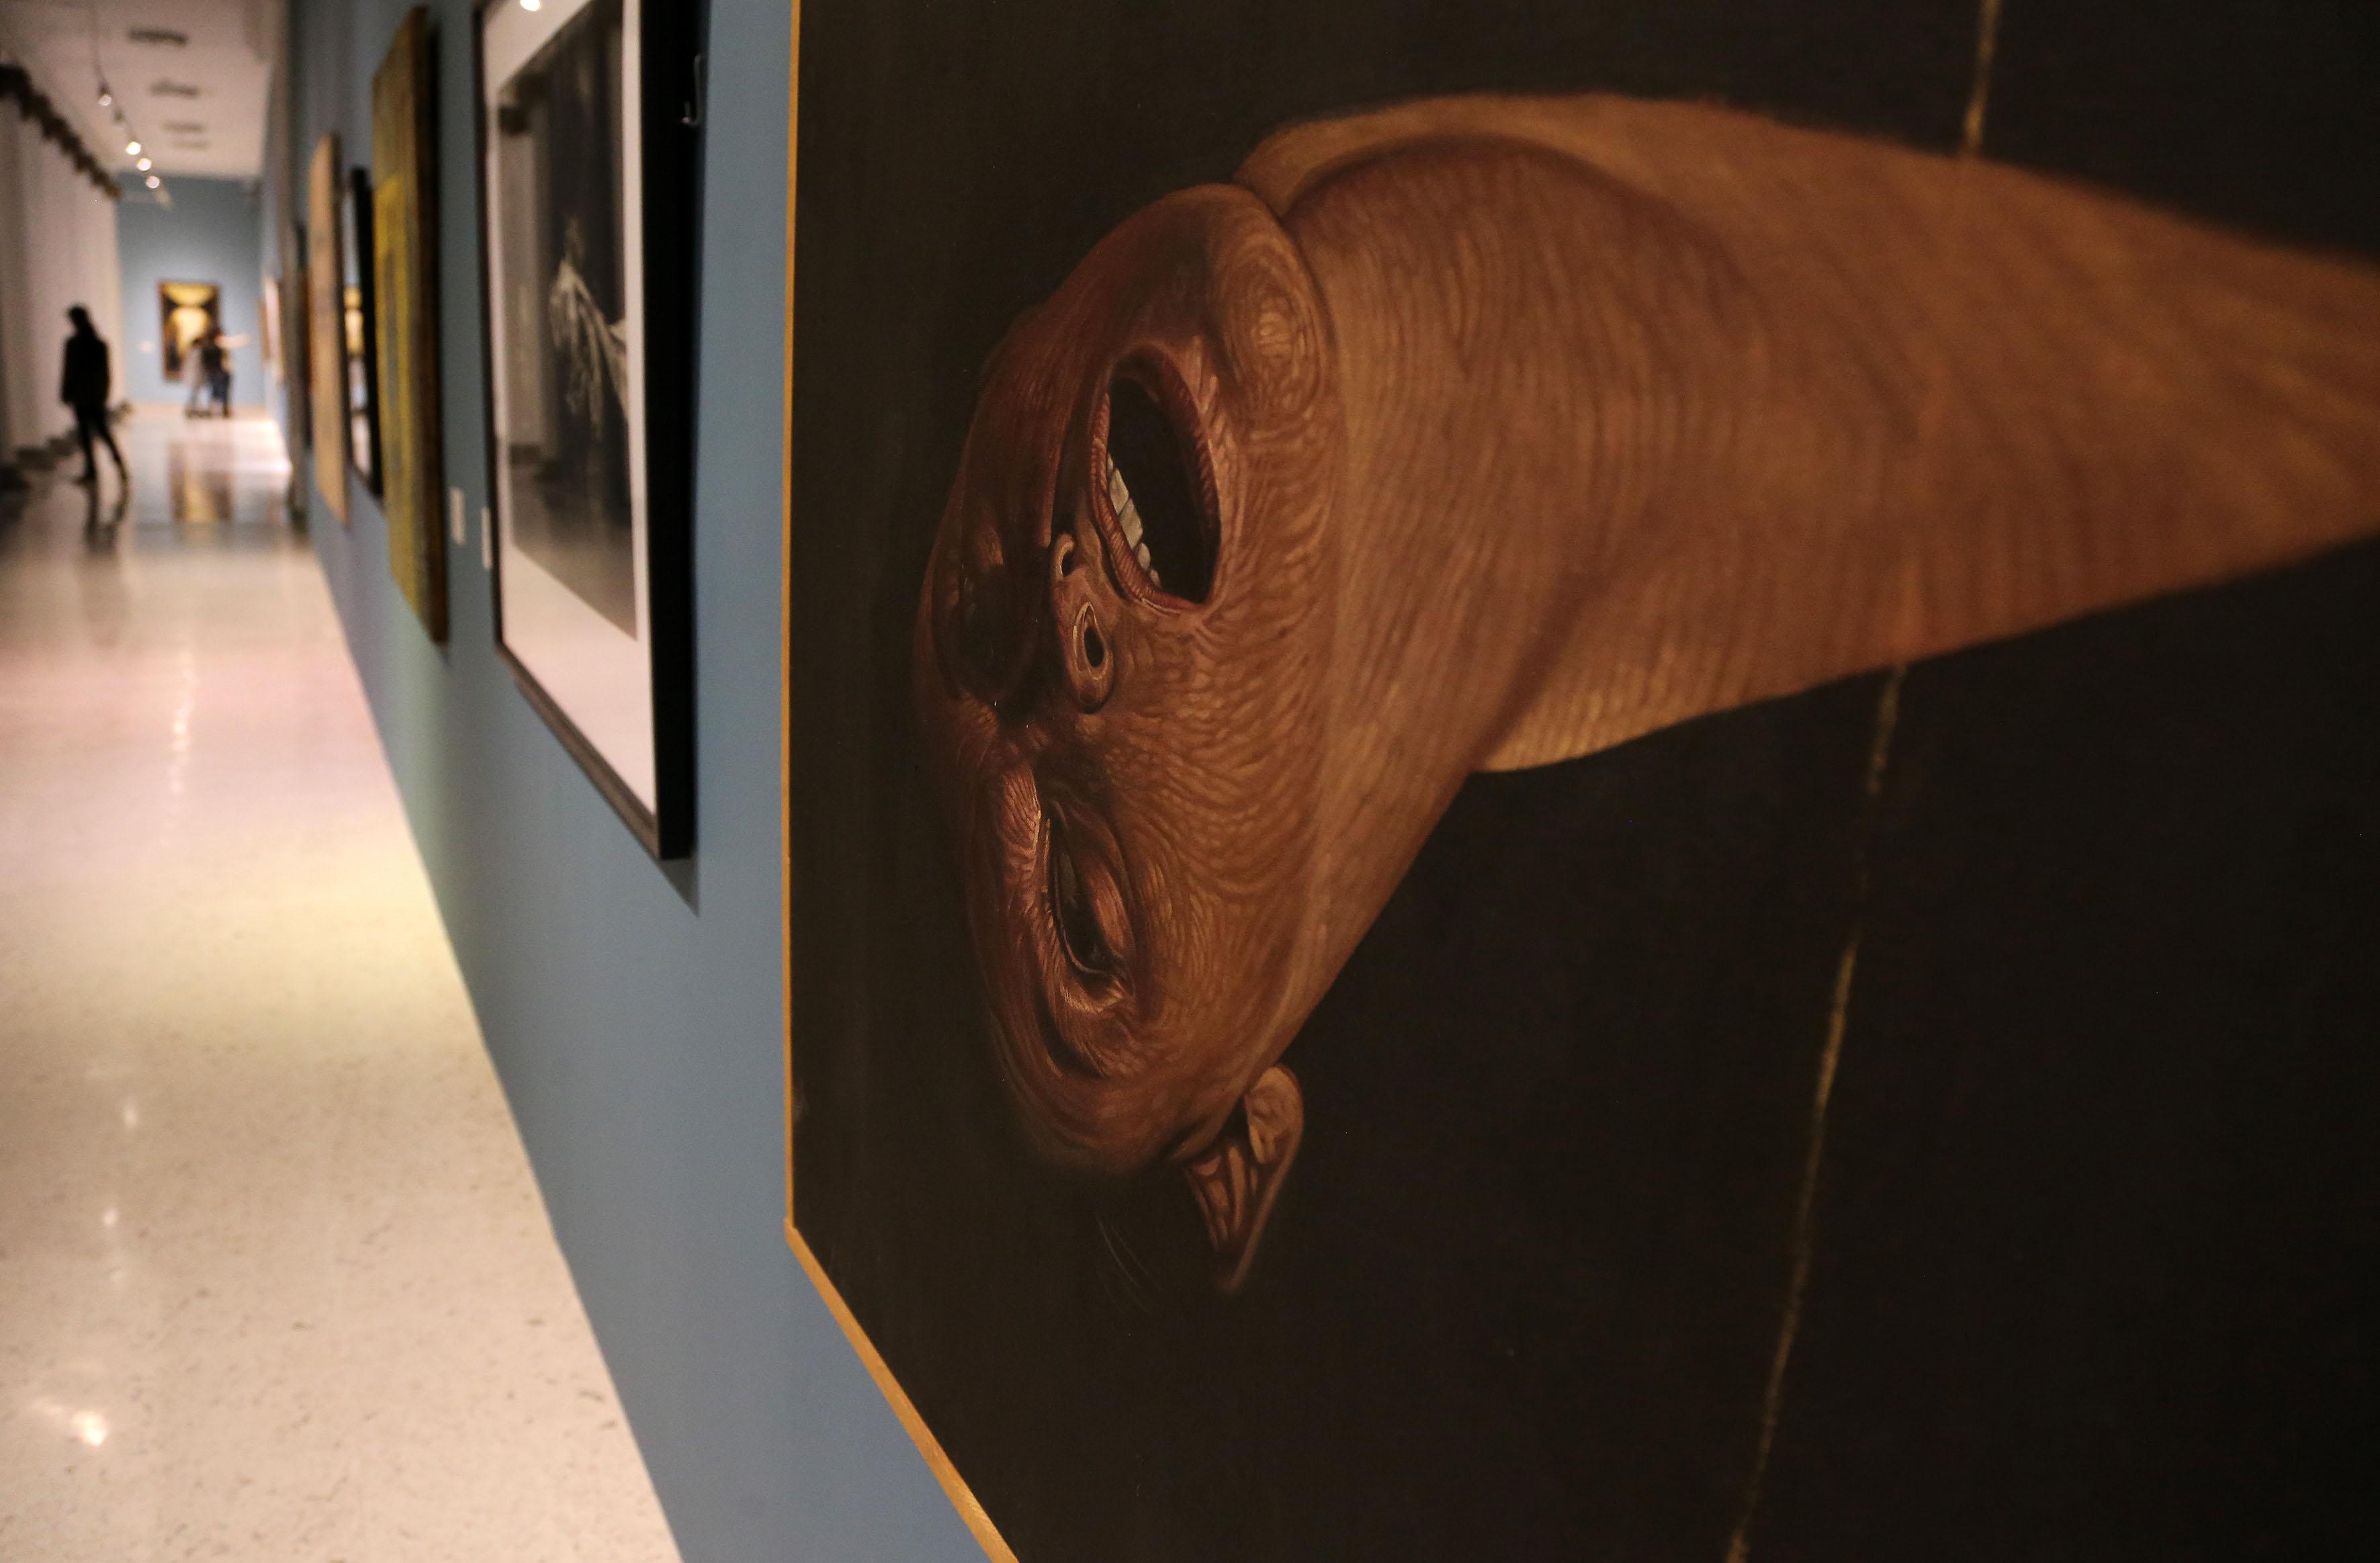 Obra expuesta en la exposición Crónica de un instante, una reinterpretación de la obra literaria de Salvador Elizondo titulada Farabeuf o la crónica de un instante